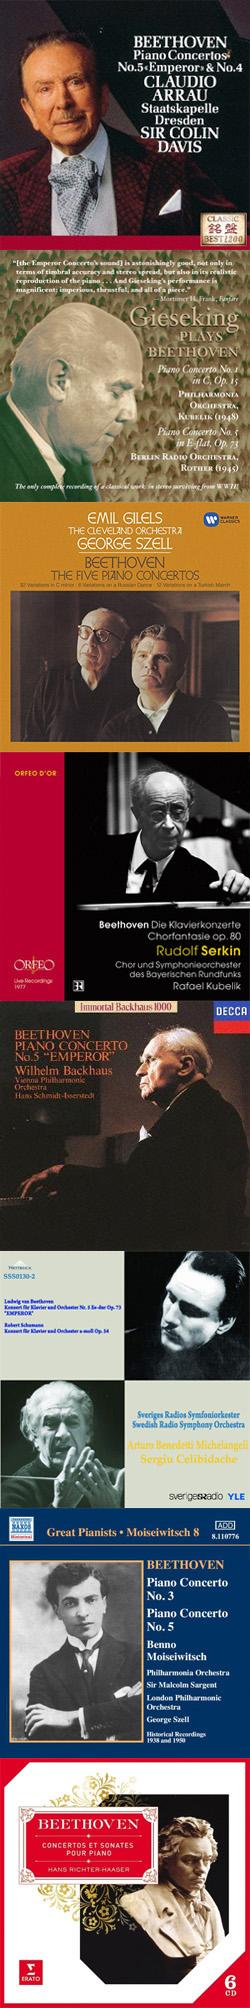 beethoven concert 5 j